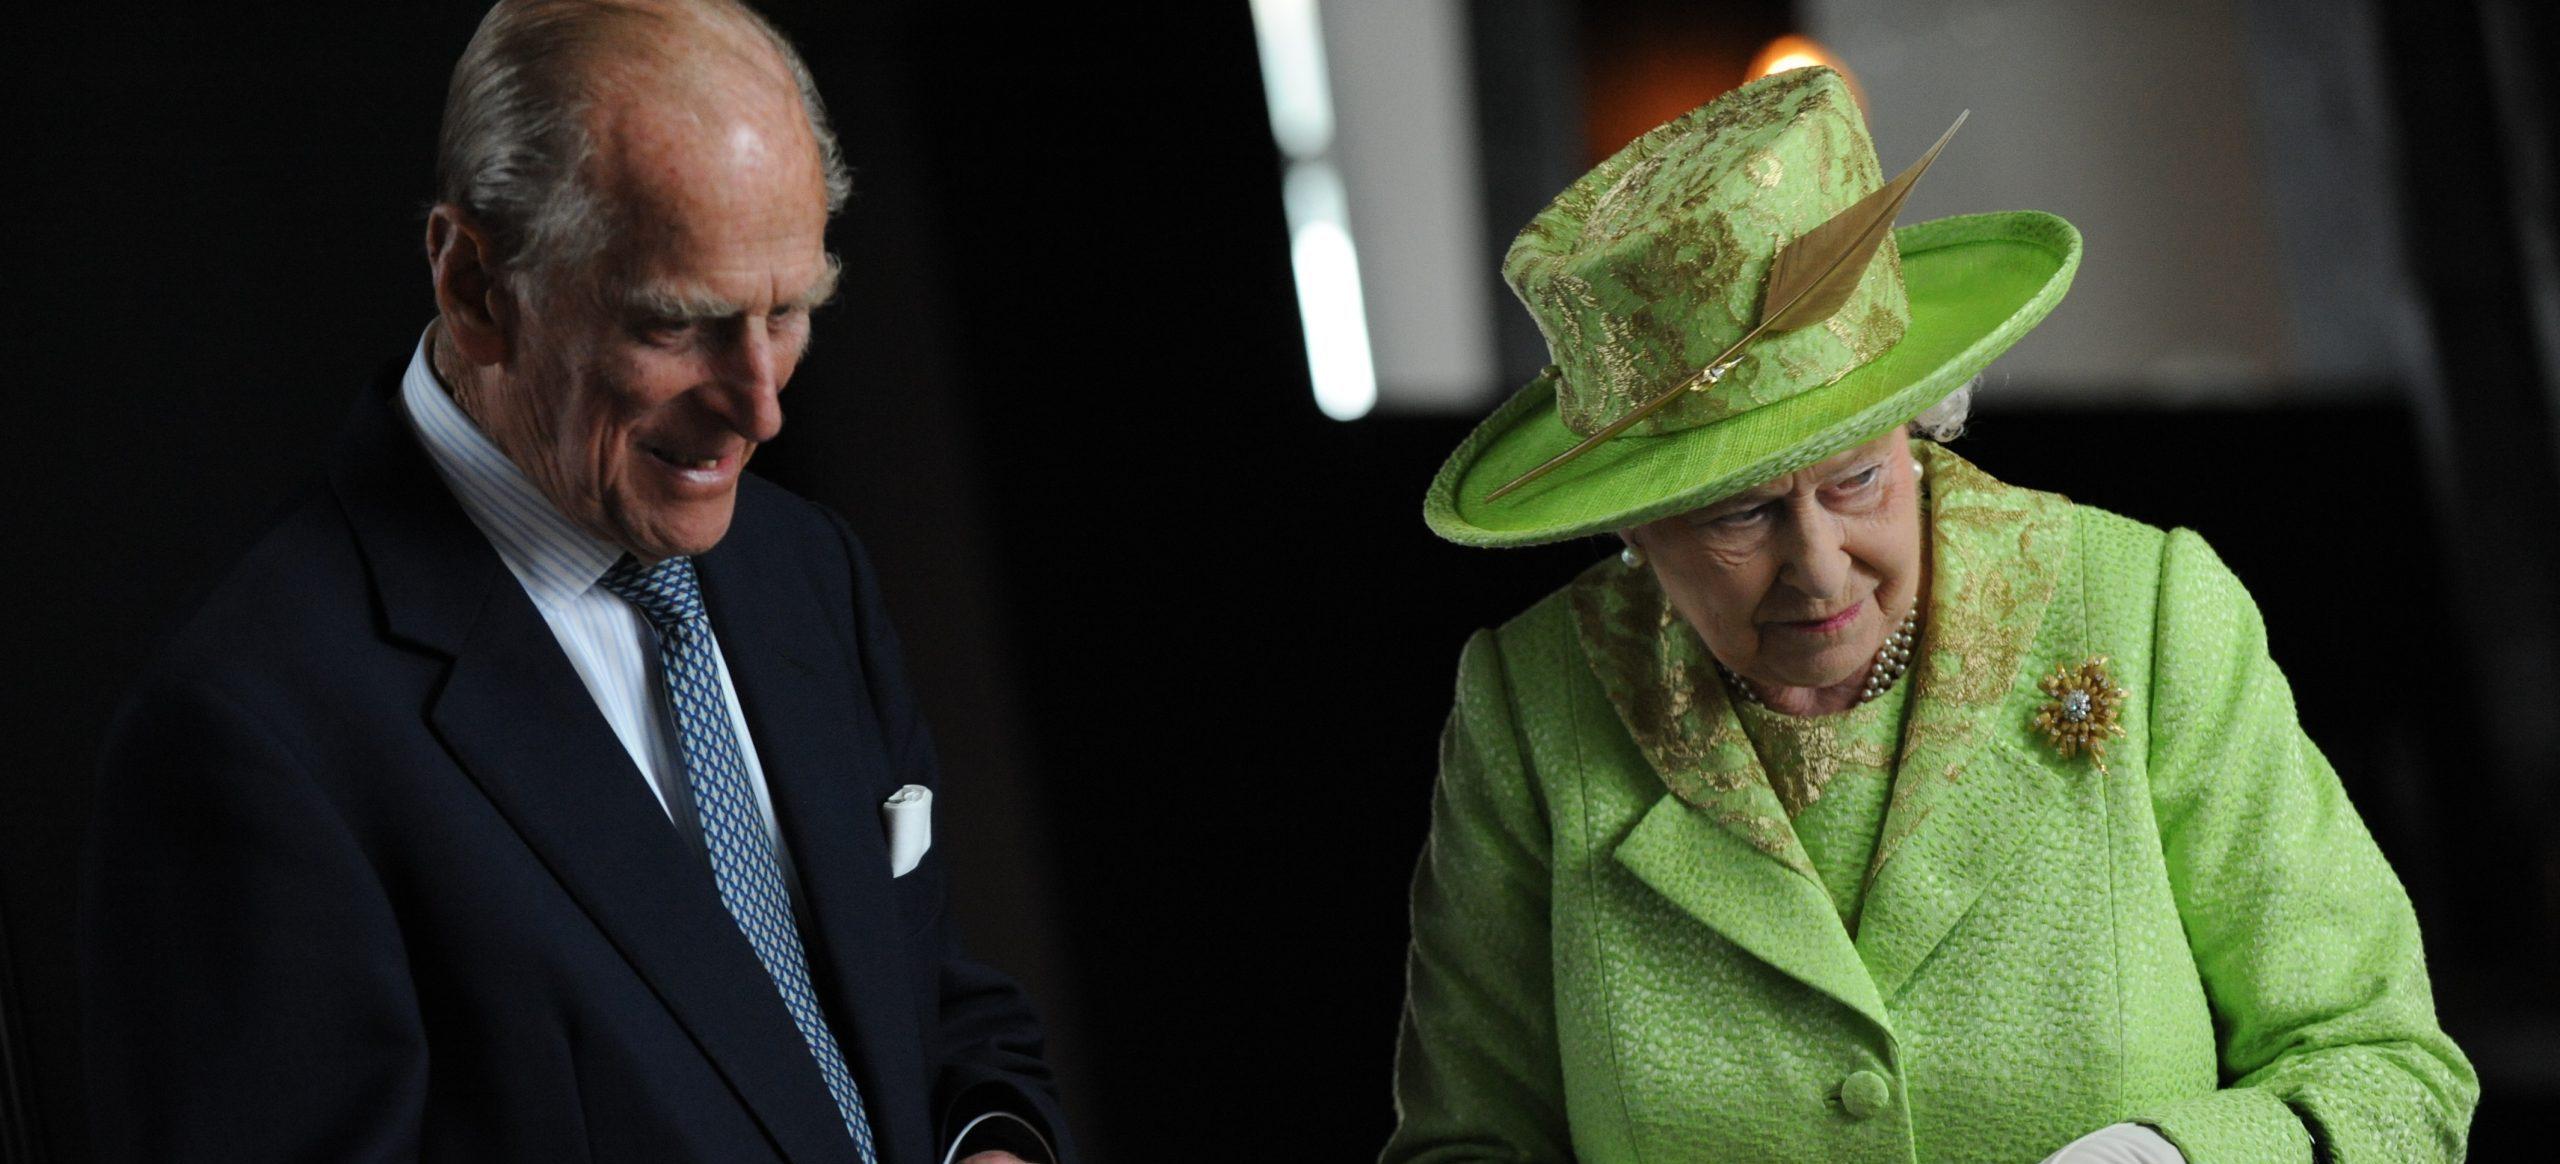 Fülöp és II. Erzsébet a példa rá: A sírig tartó szerelem nem mese!